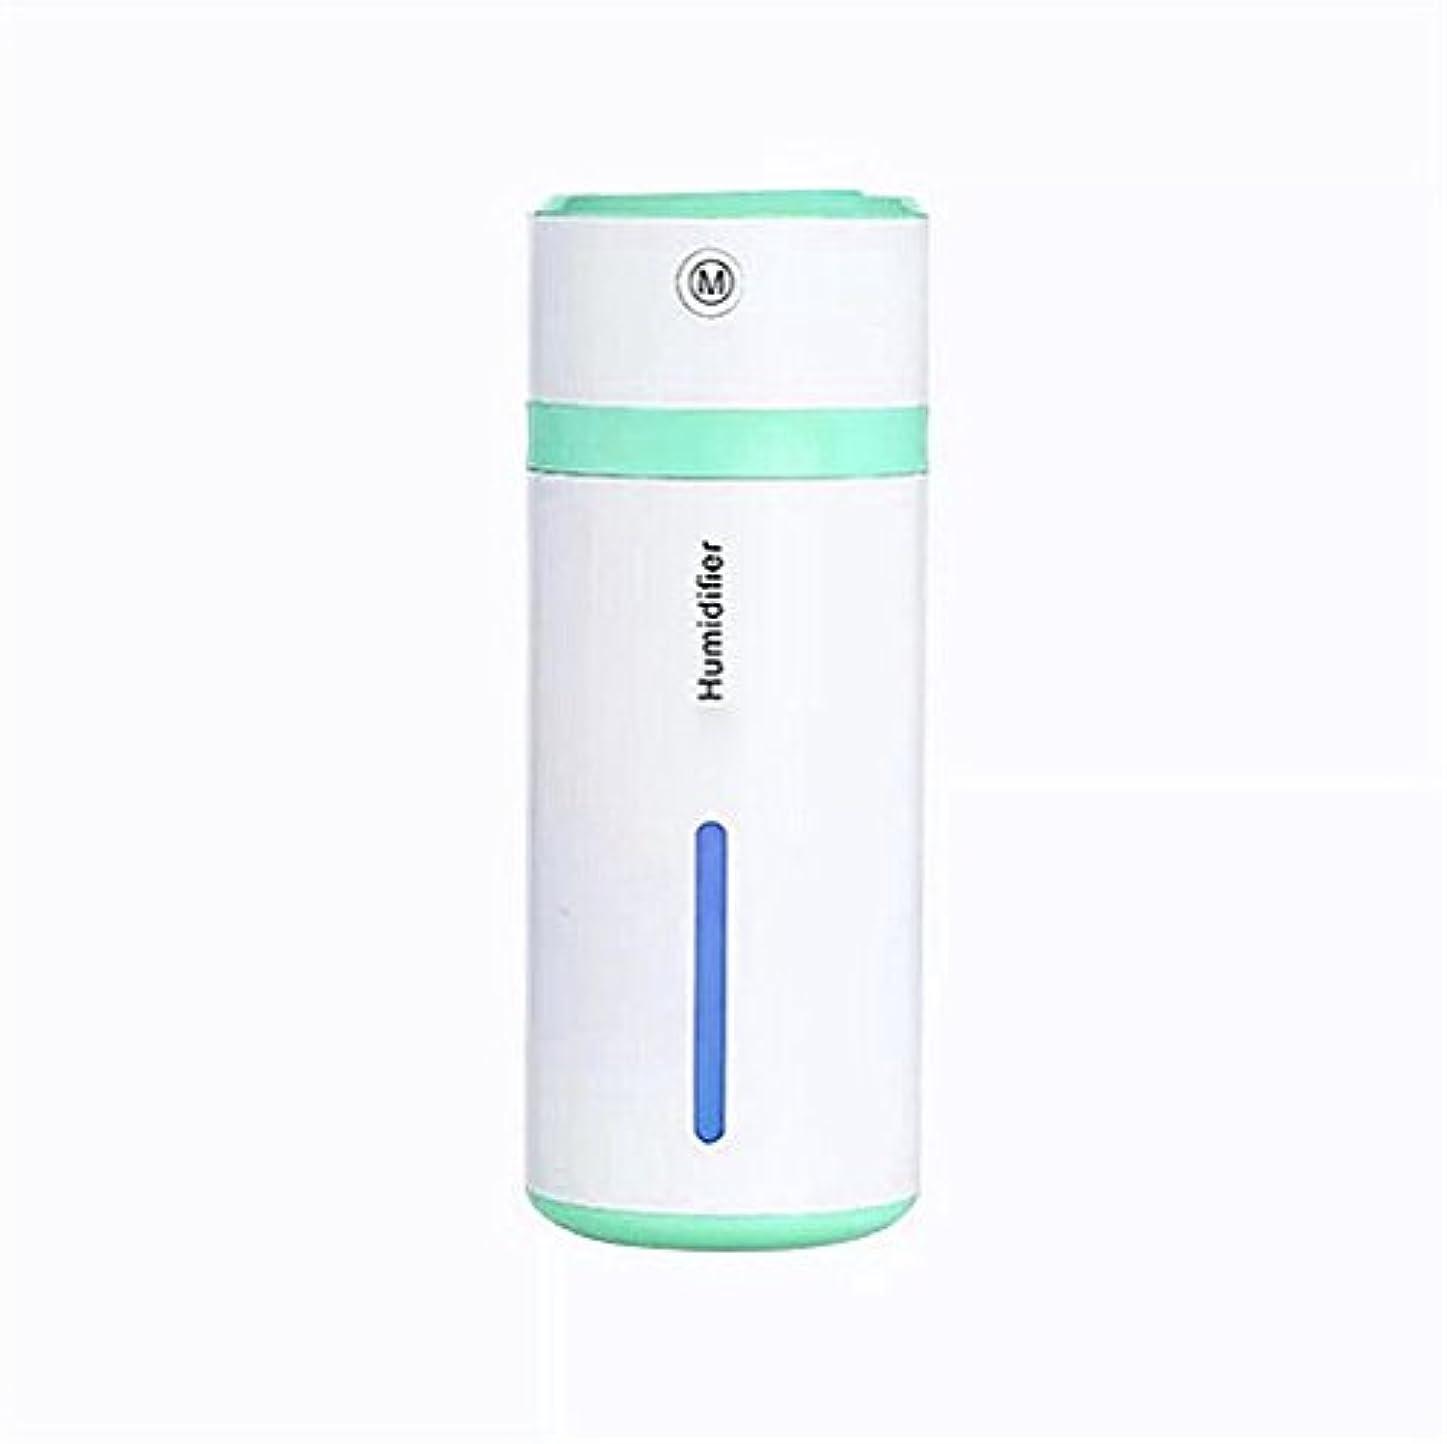 みディレクトリ取り囲むクールミスト超音波加湿器とアロマディフューザー騒音とLEDライト、あなたの家やオフィス用